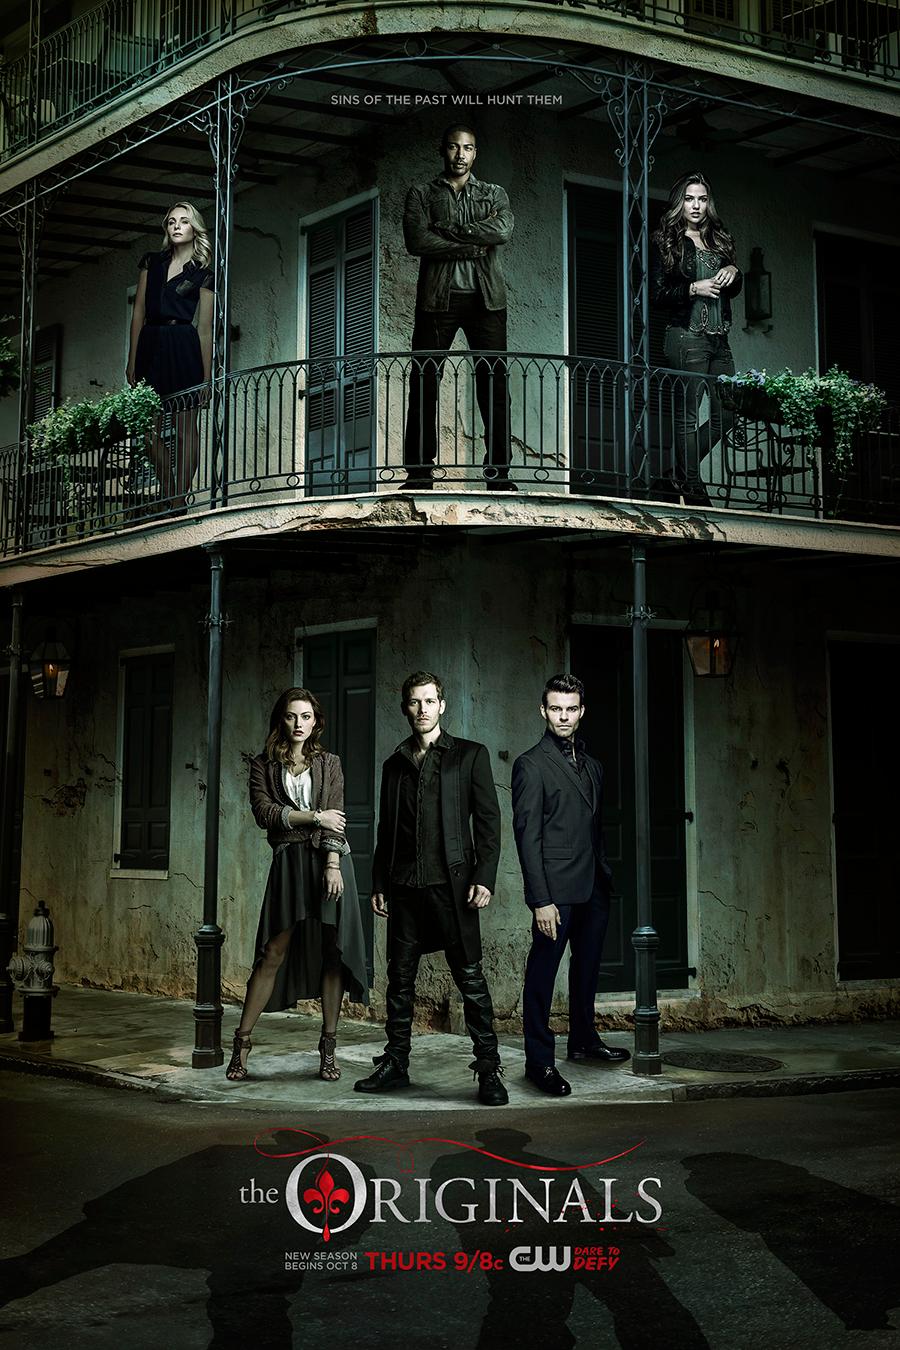 Resultado de imagem para the originals season 4 posters